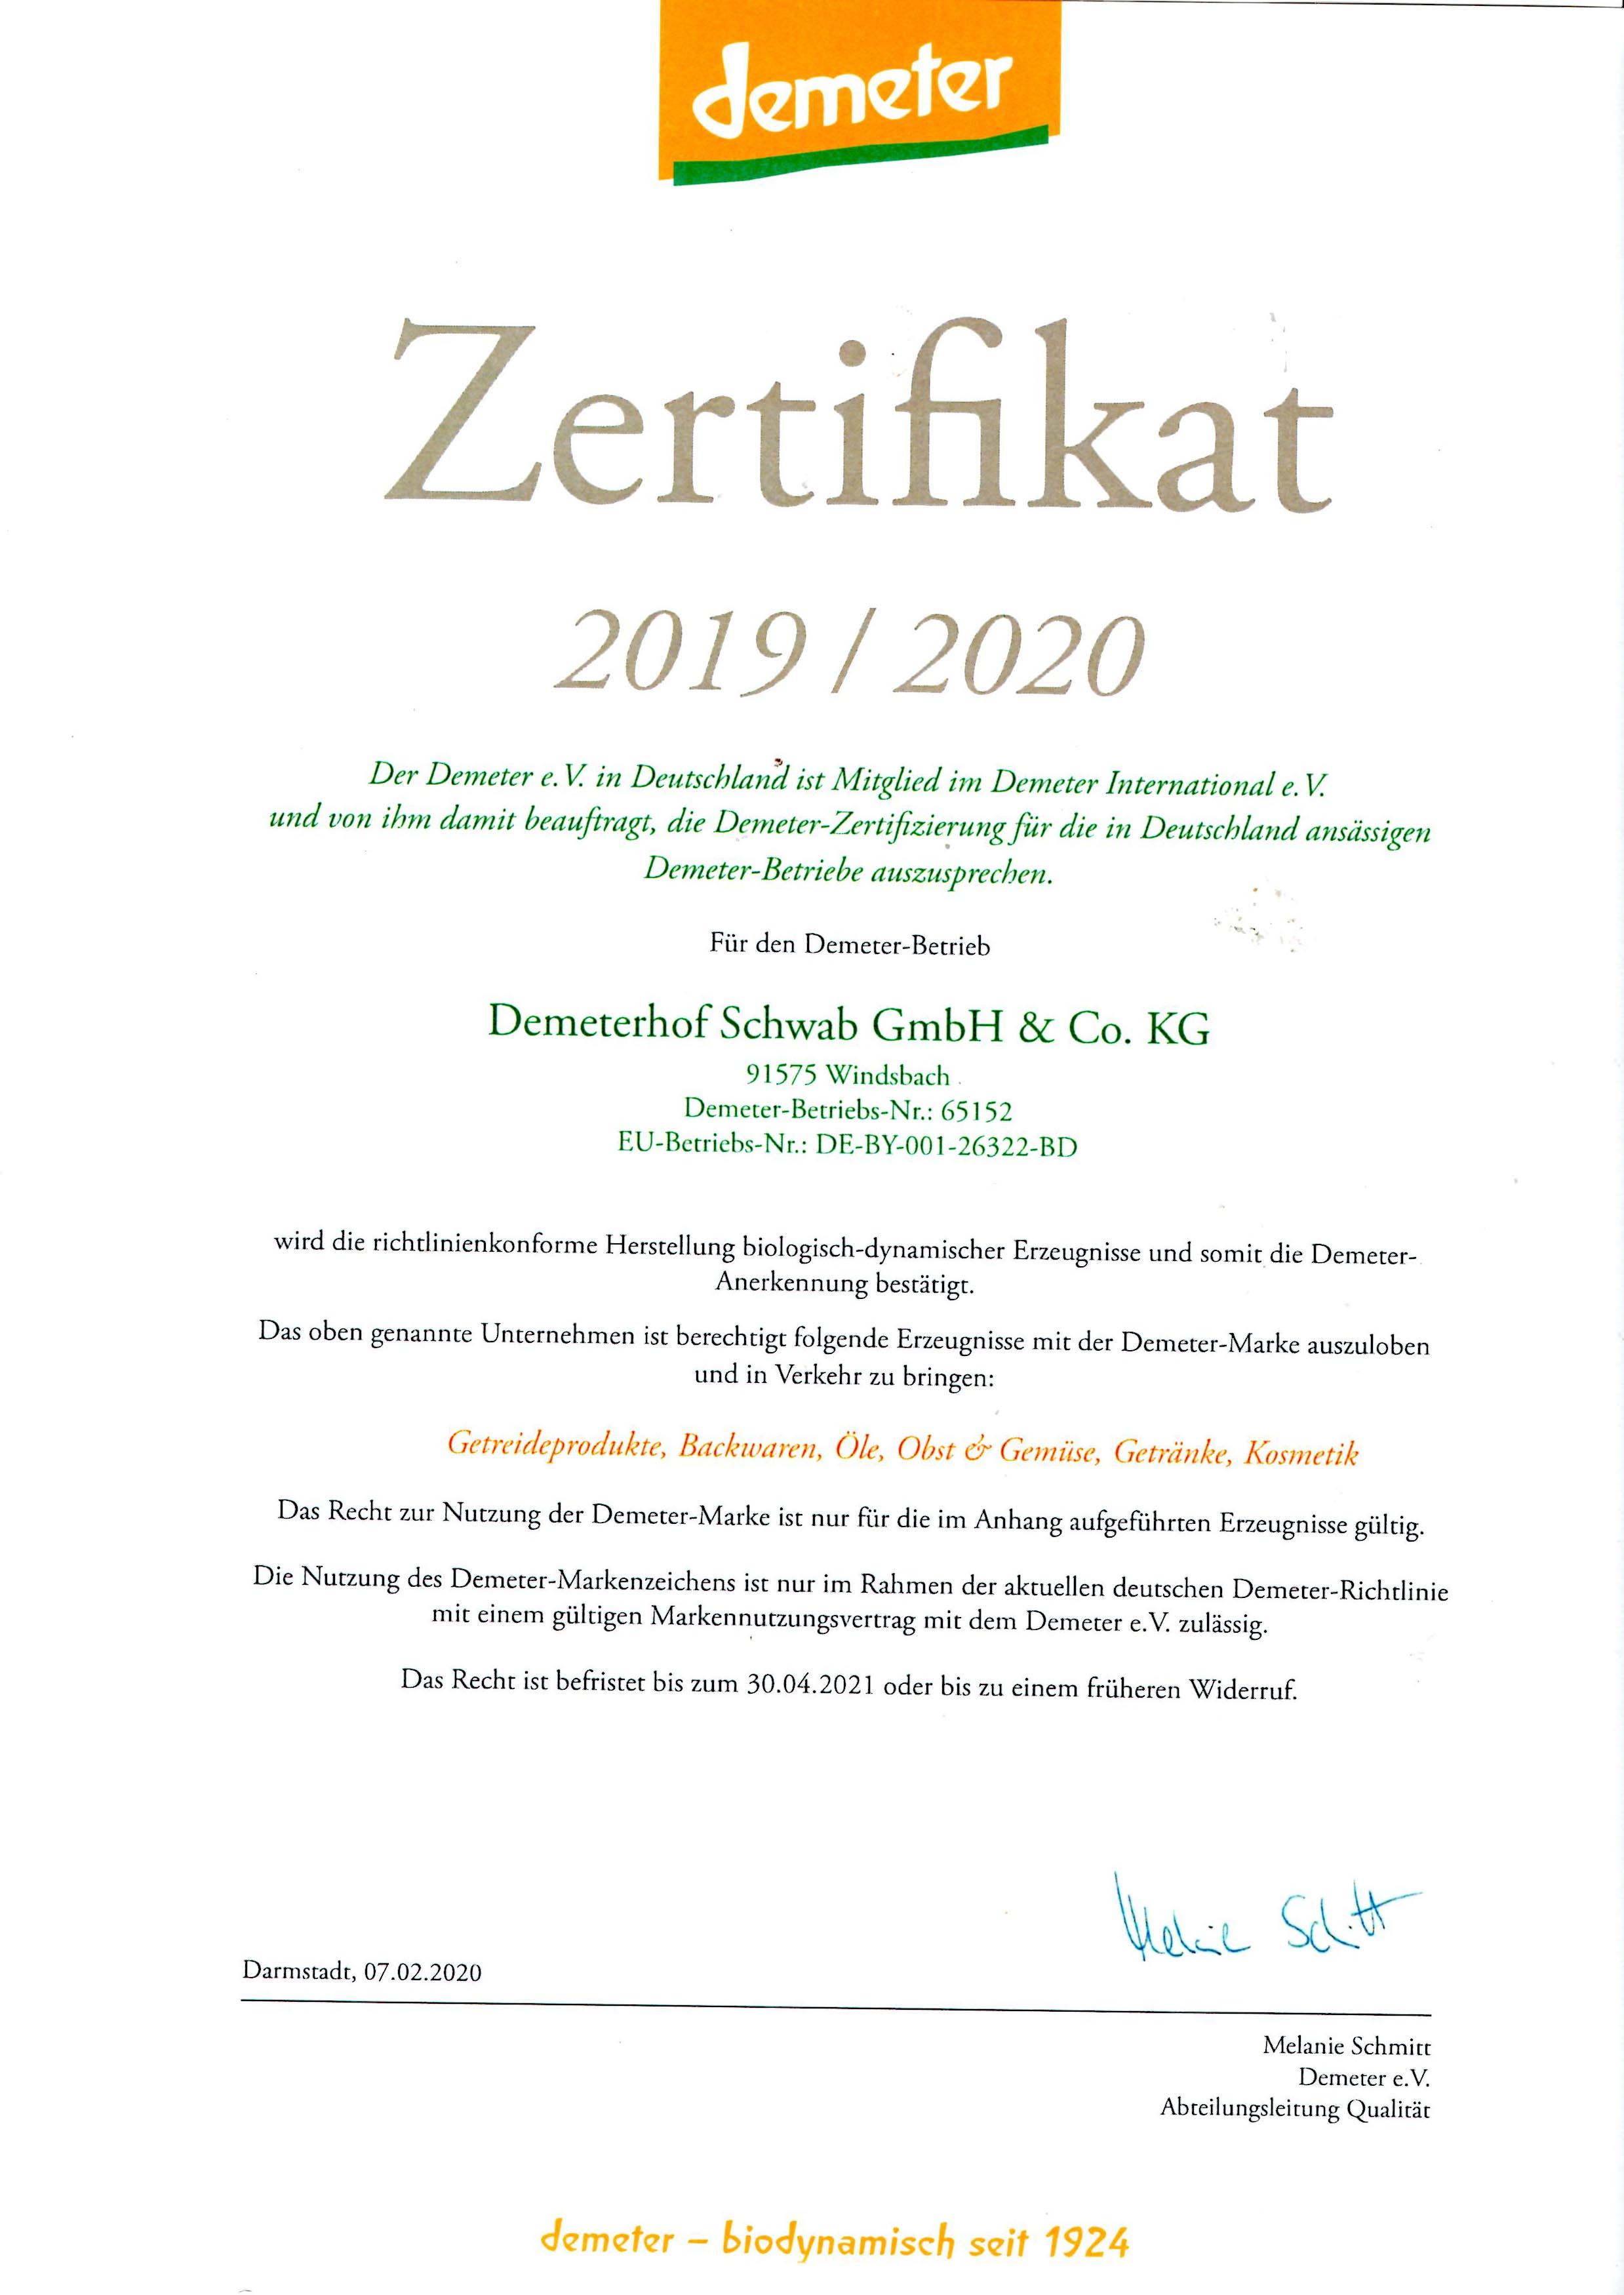 demeterhof_kg_zertifikat